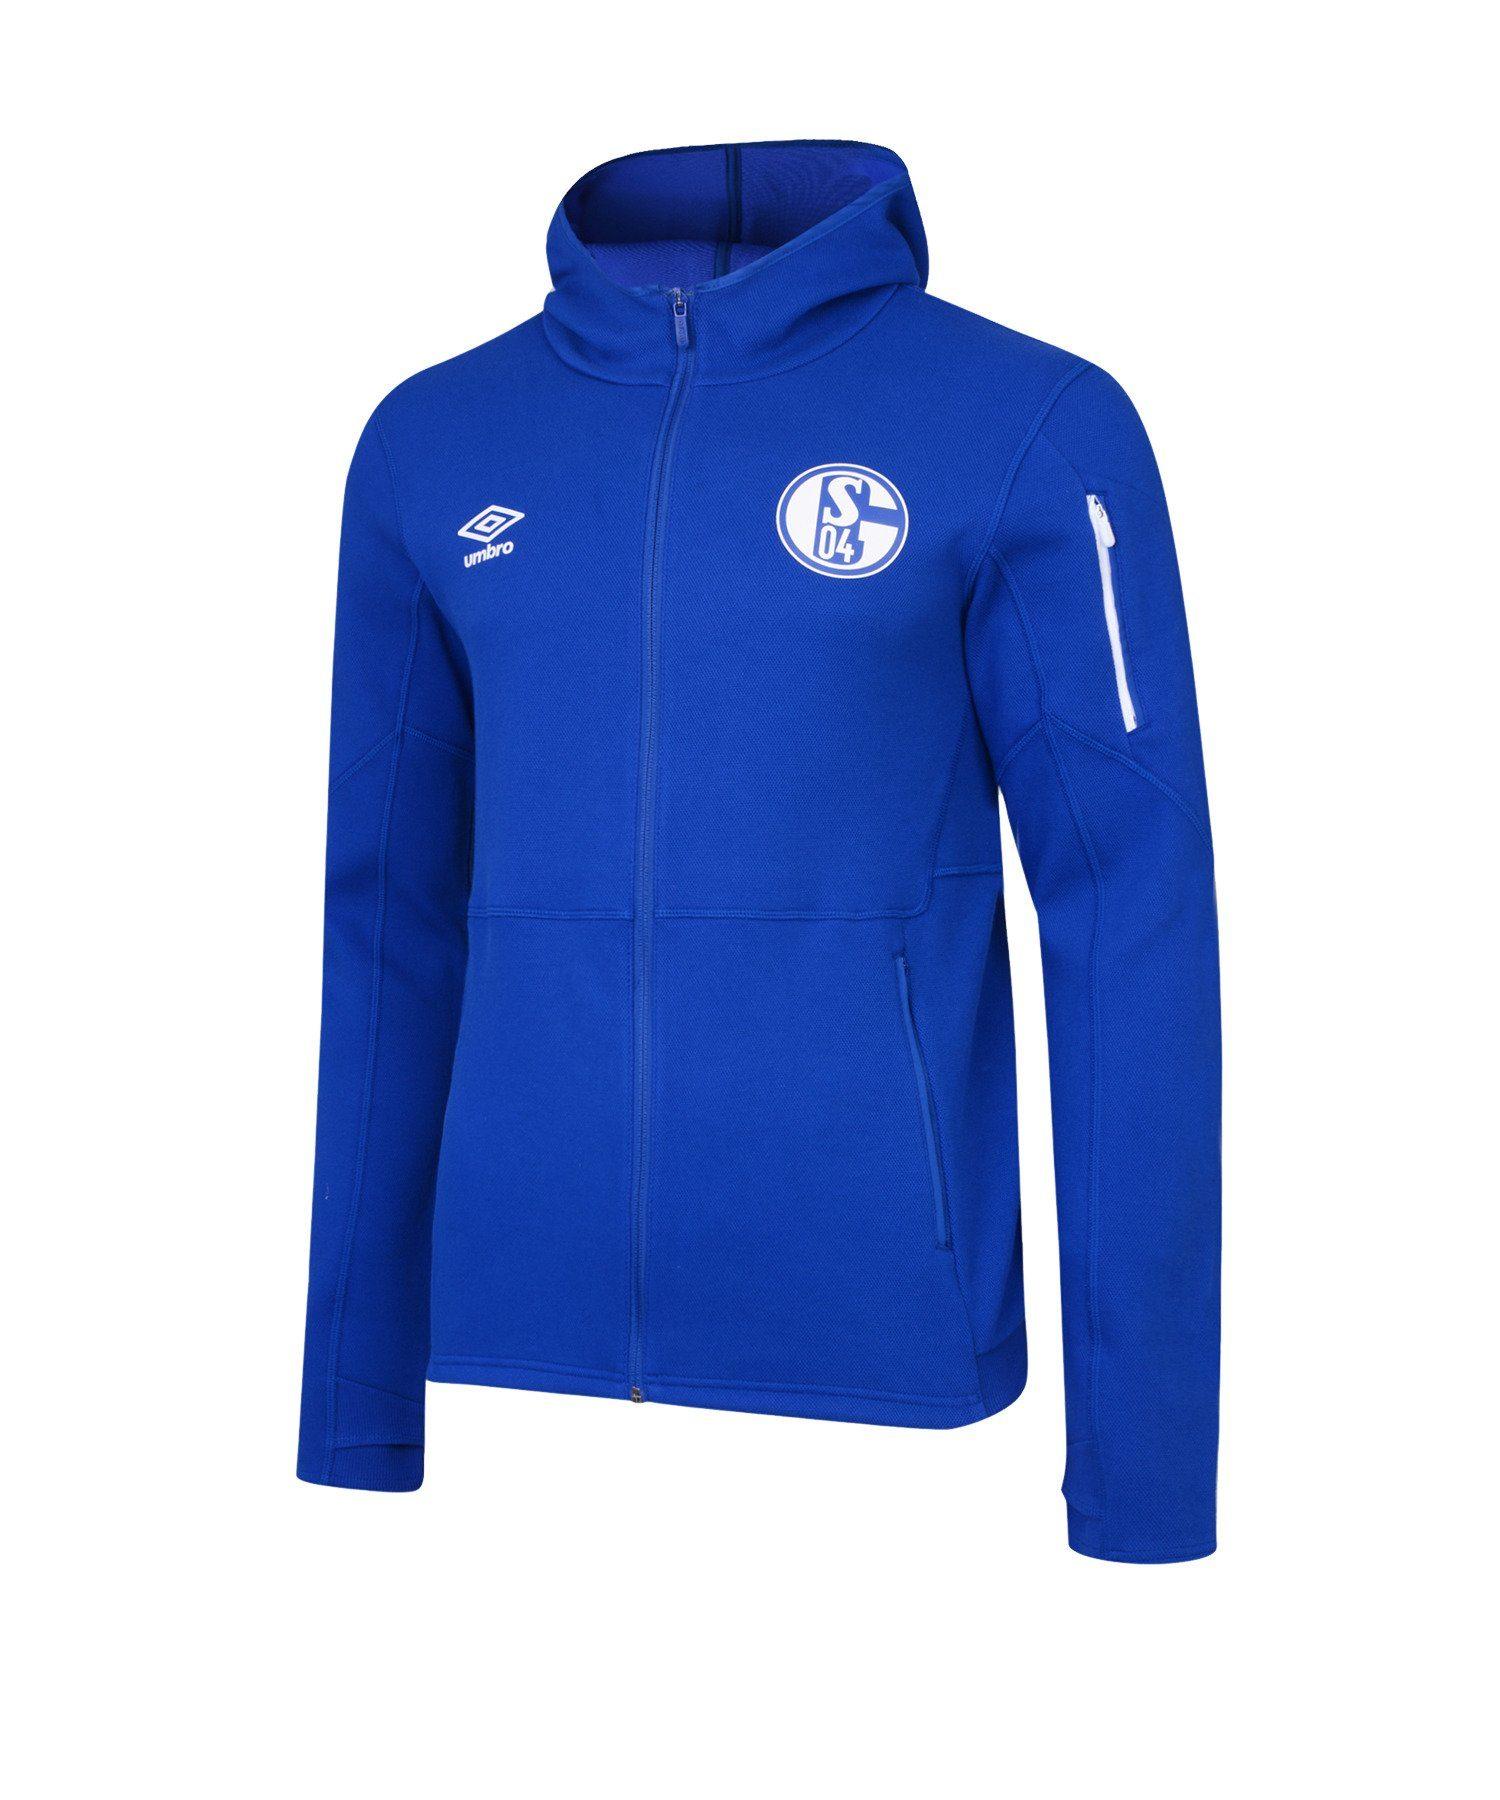 schalke sweat-jacke team blau